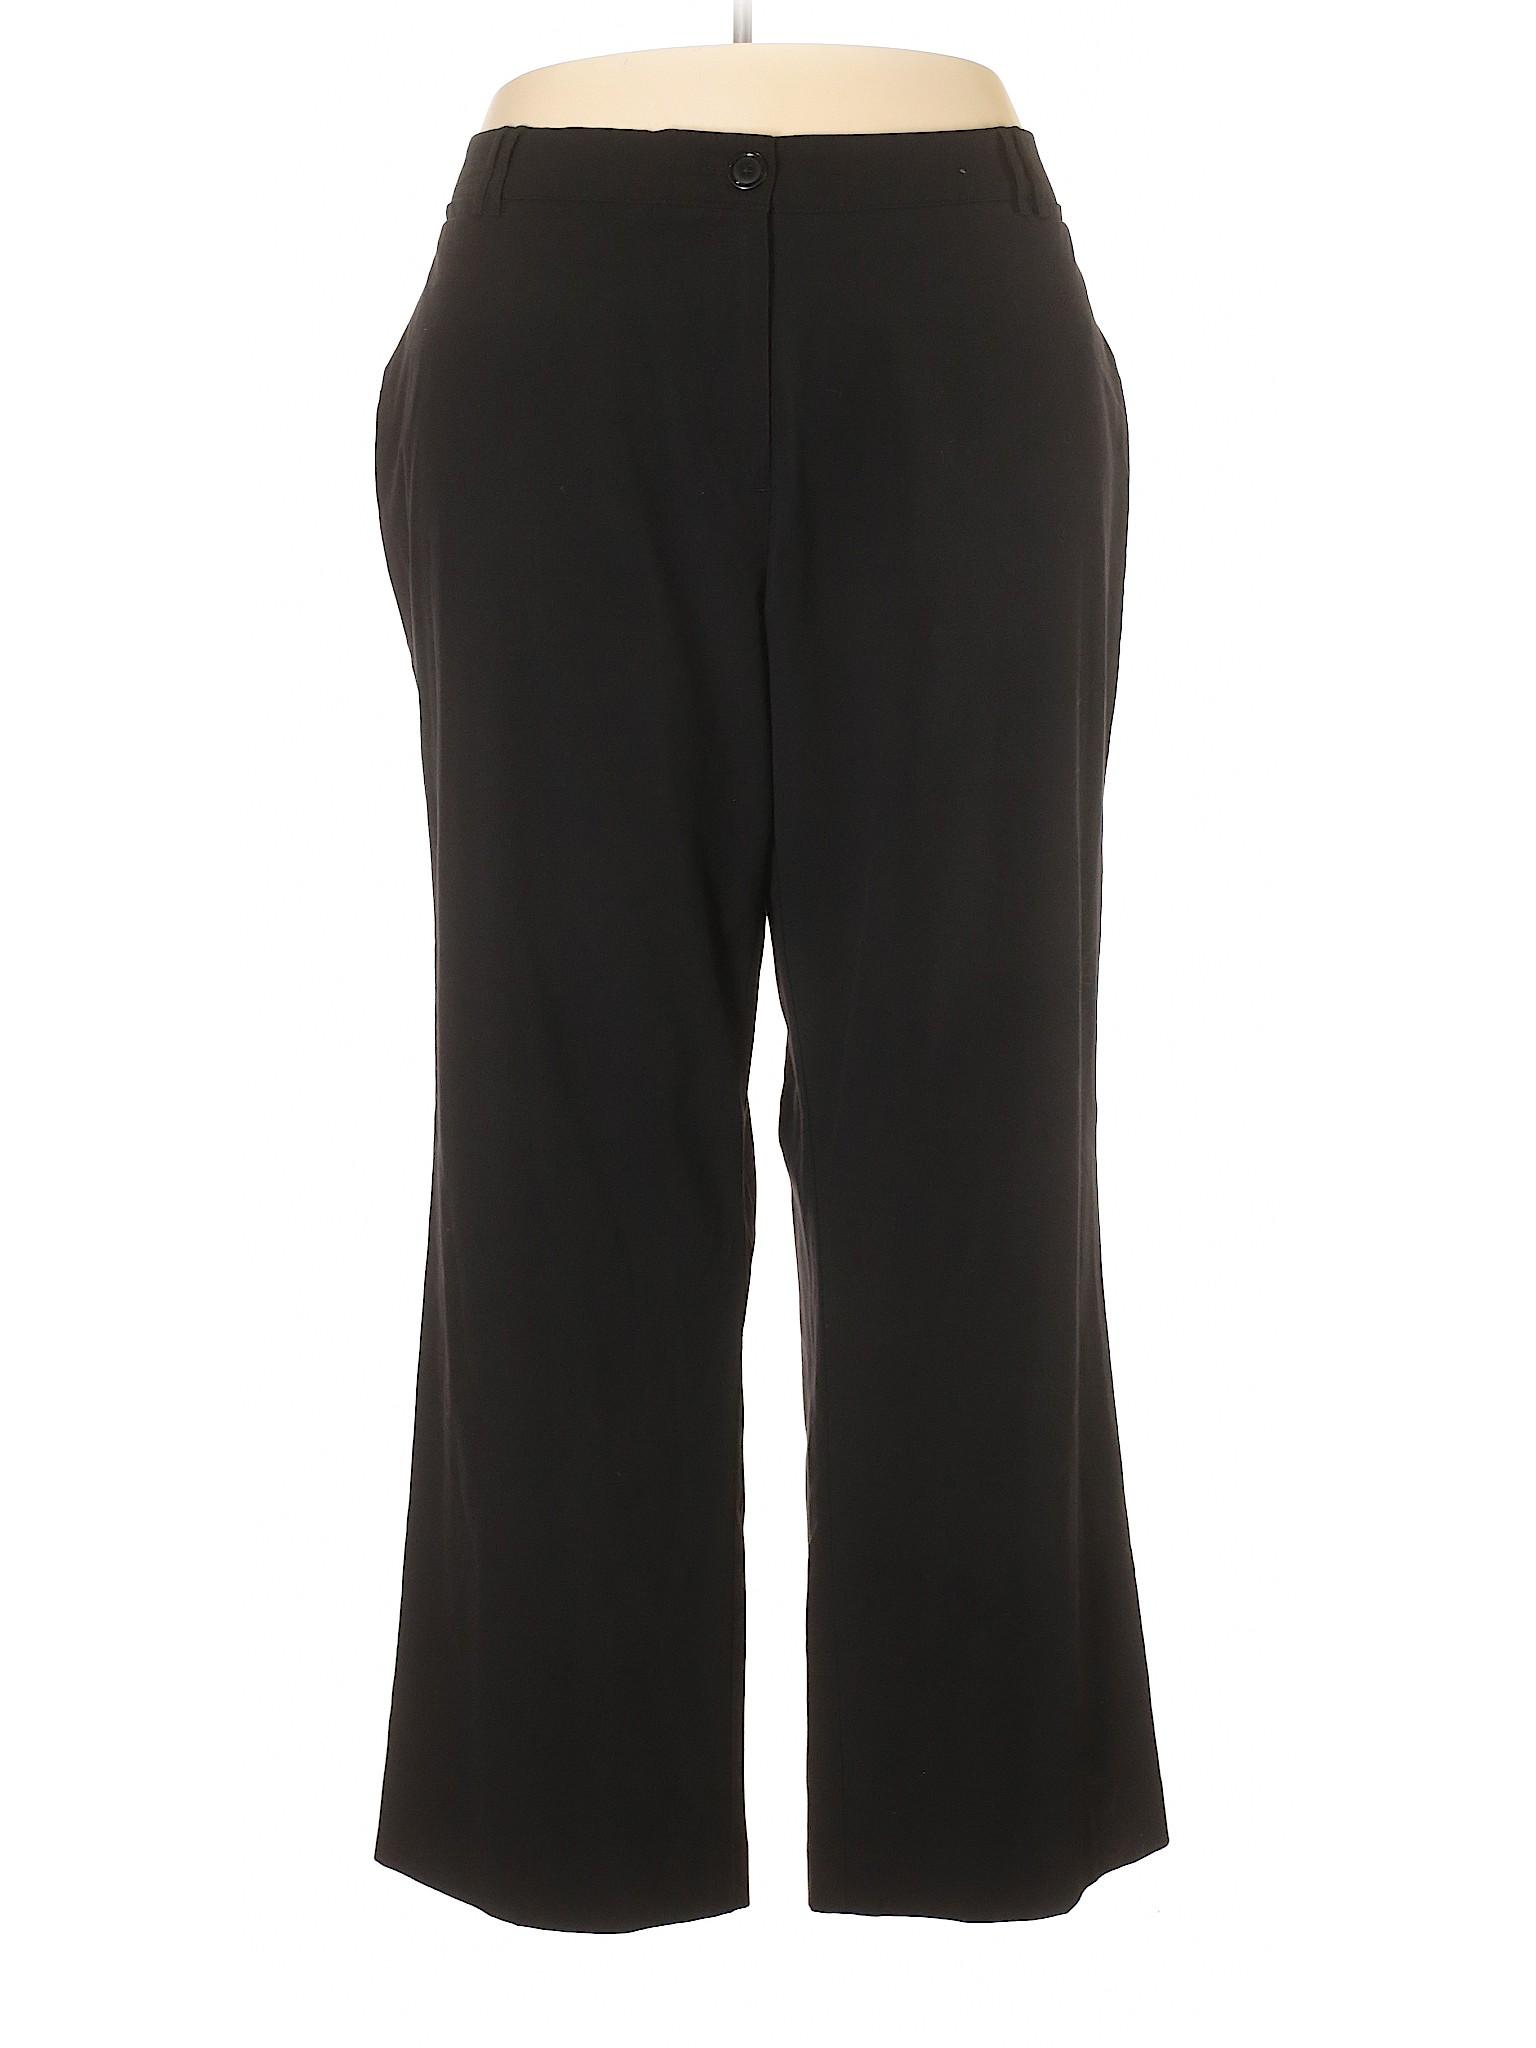 Pants Dress Boutique winter Avenue winter Avenue Boutique qnvFY8va